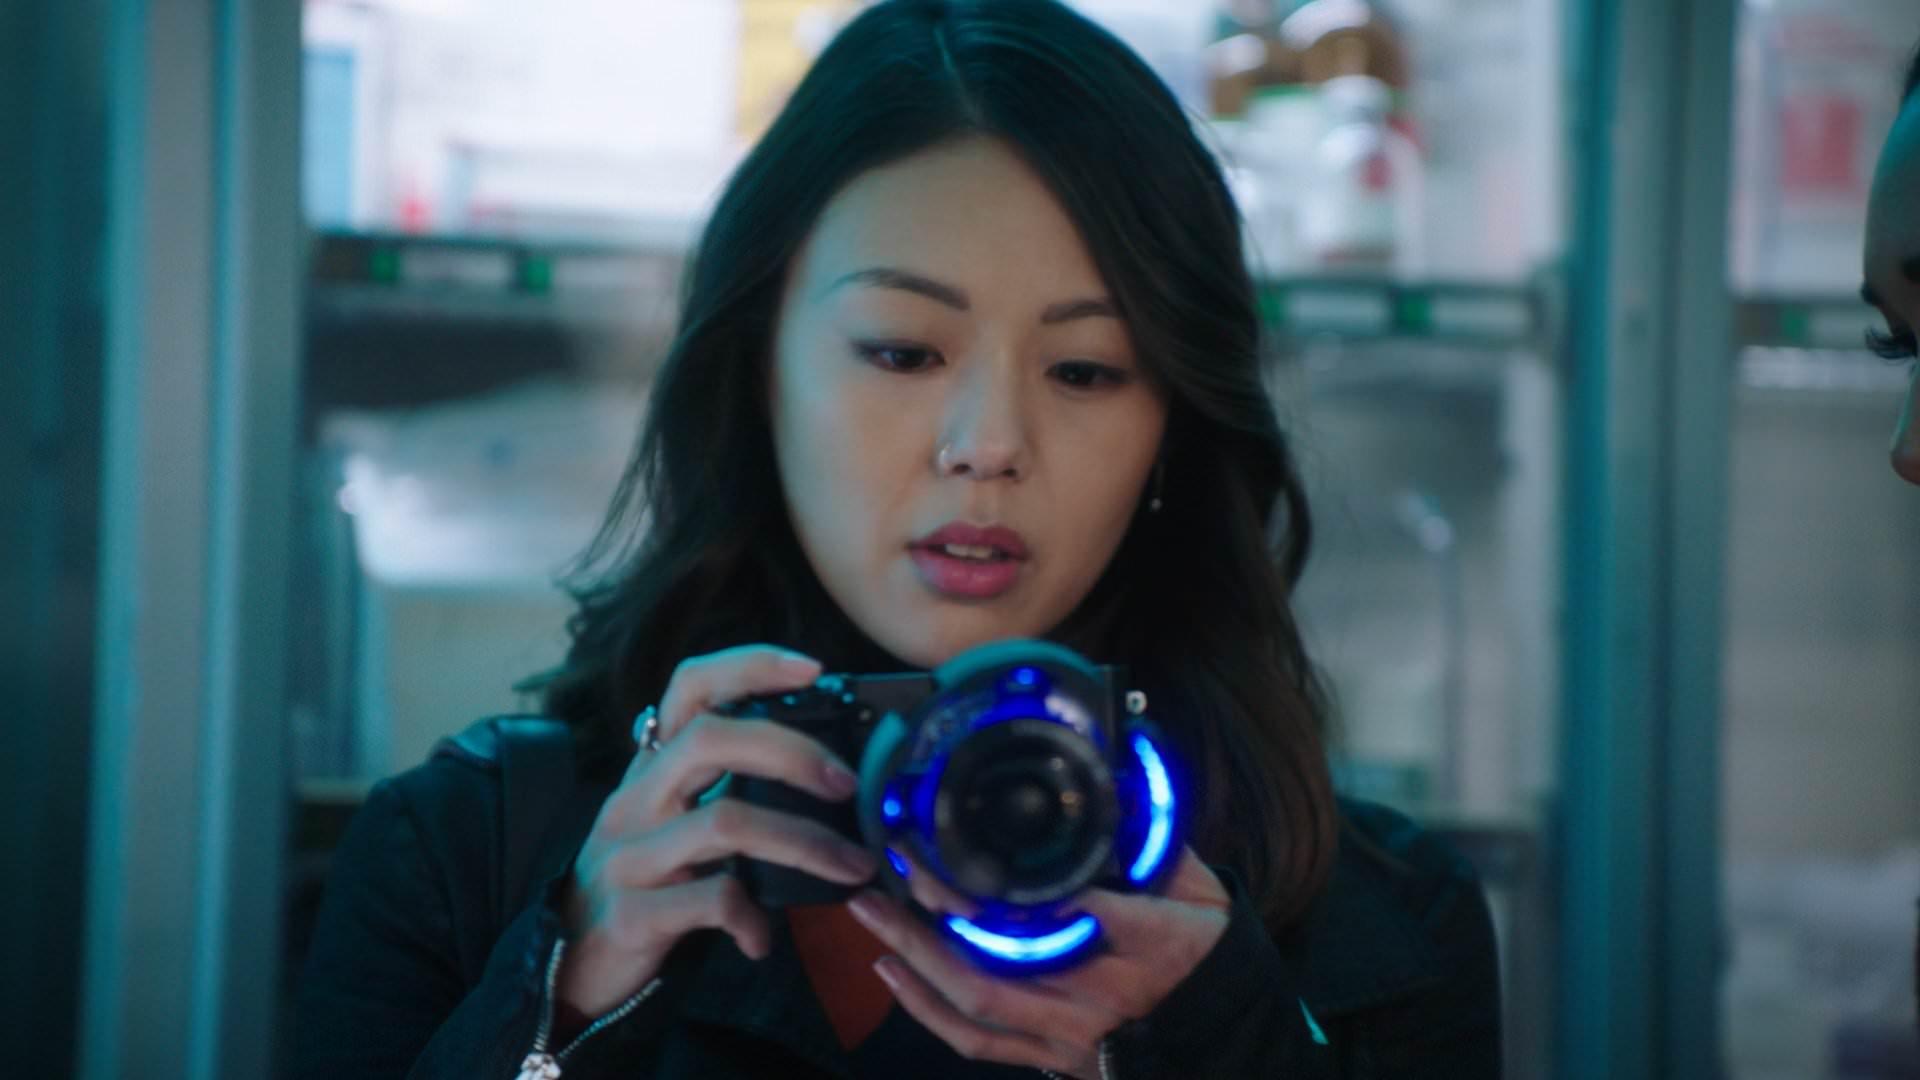 Kamilla Hwang's camera